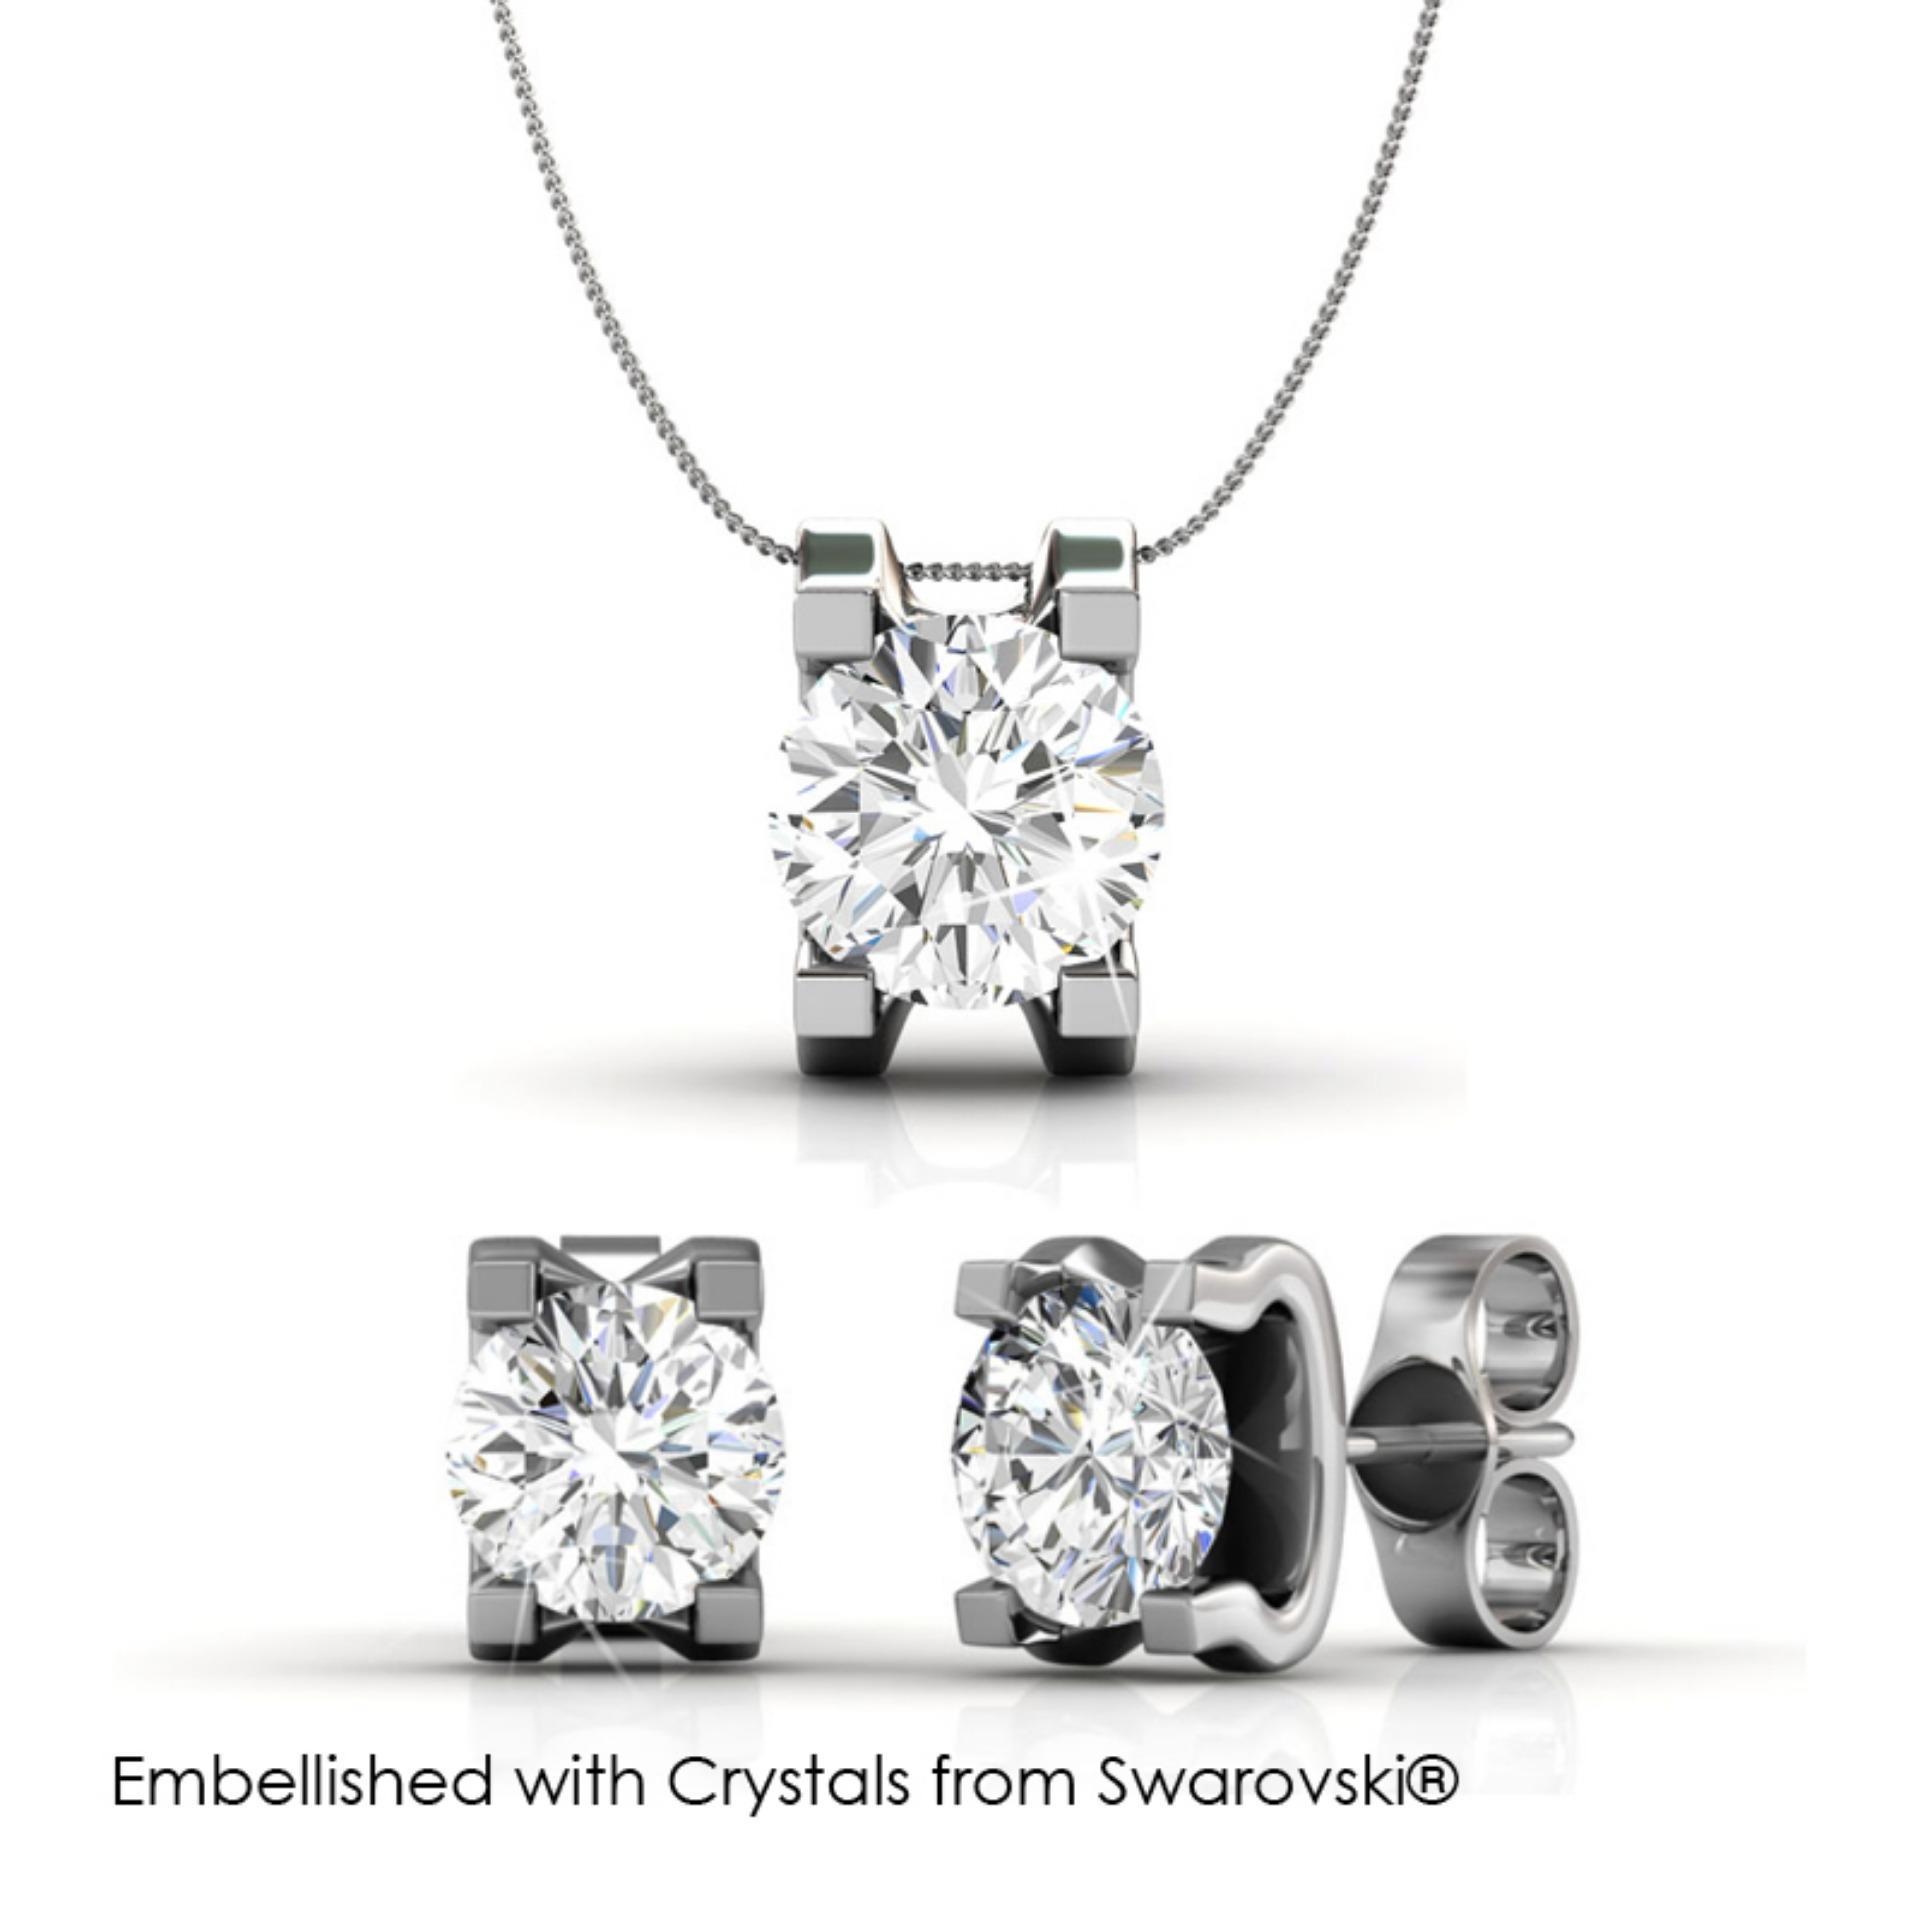 e9cebf9e8 Latest Her Jewellery womens jewellery sets Products | Enjoy Huge ...